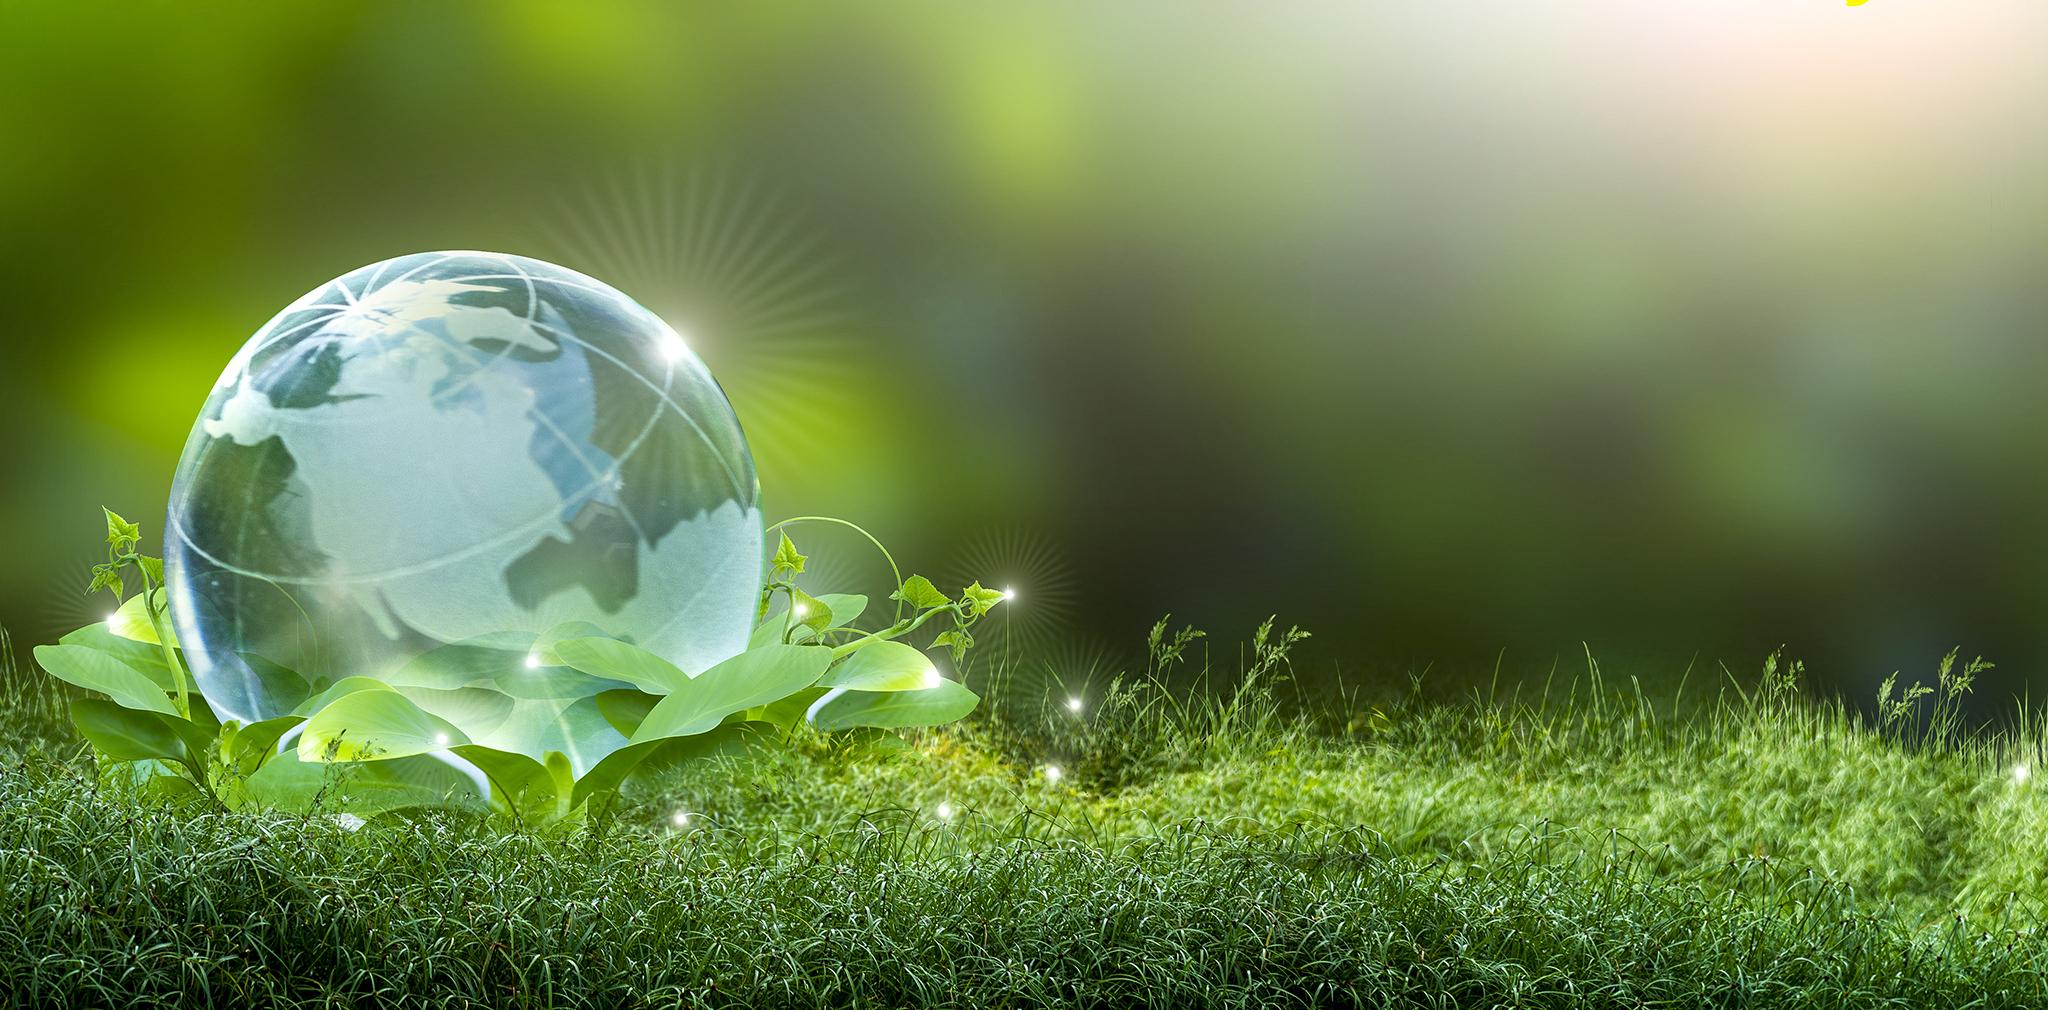 Curso Gestión Medioambiental Hispalform